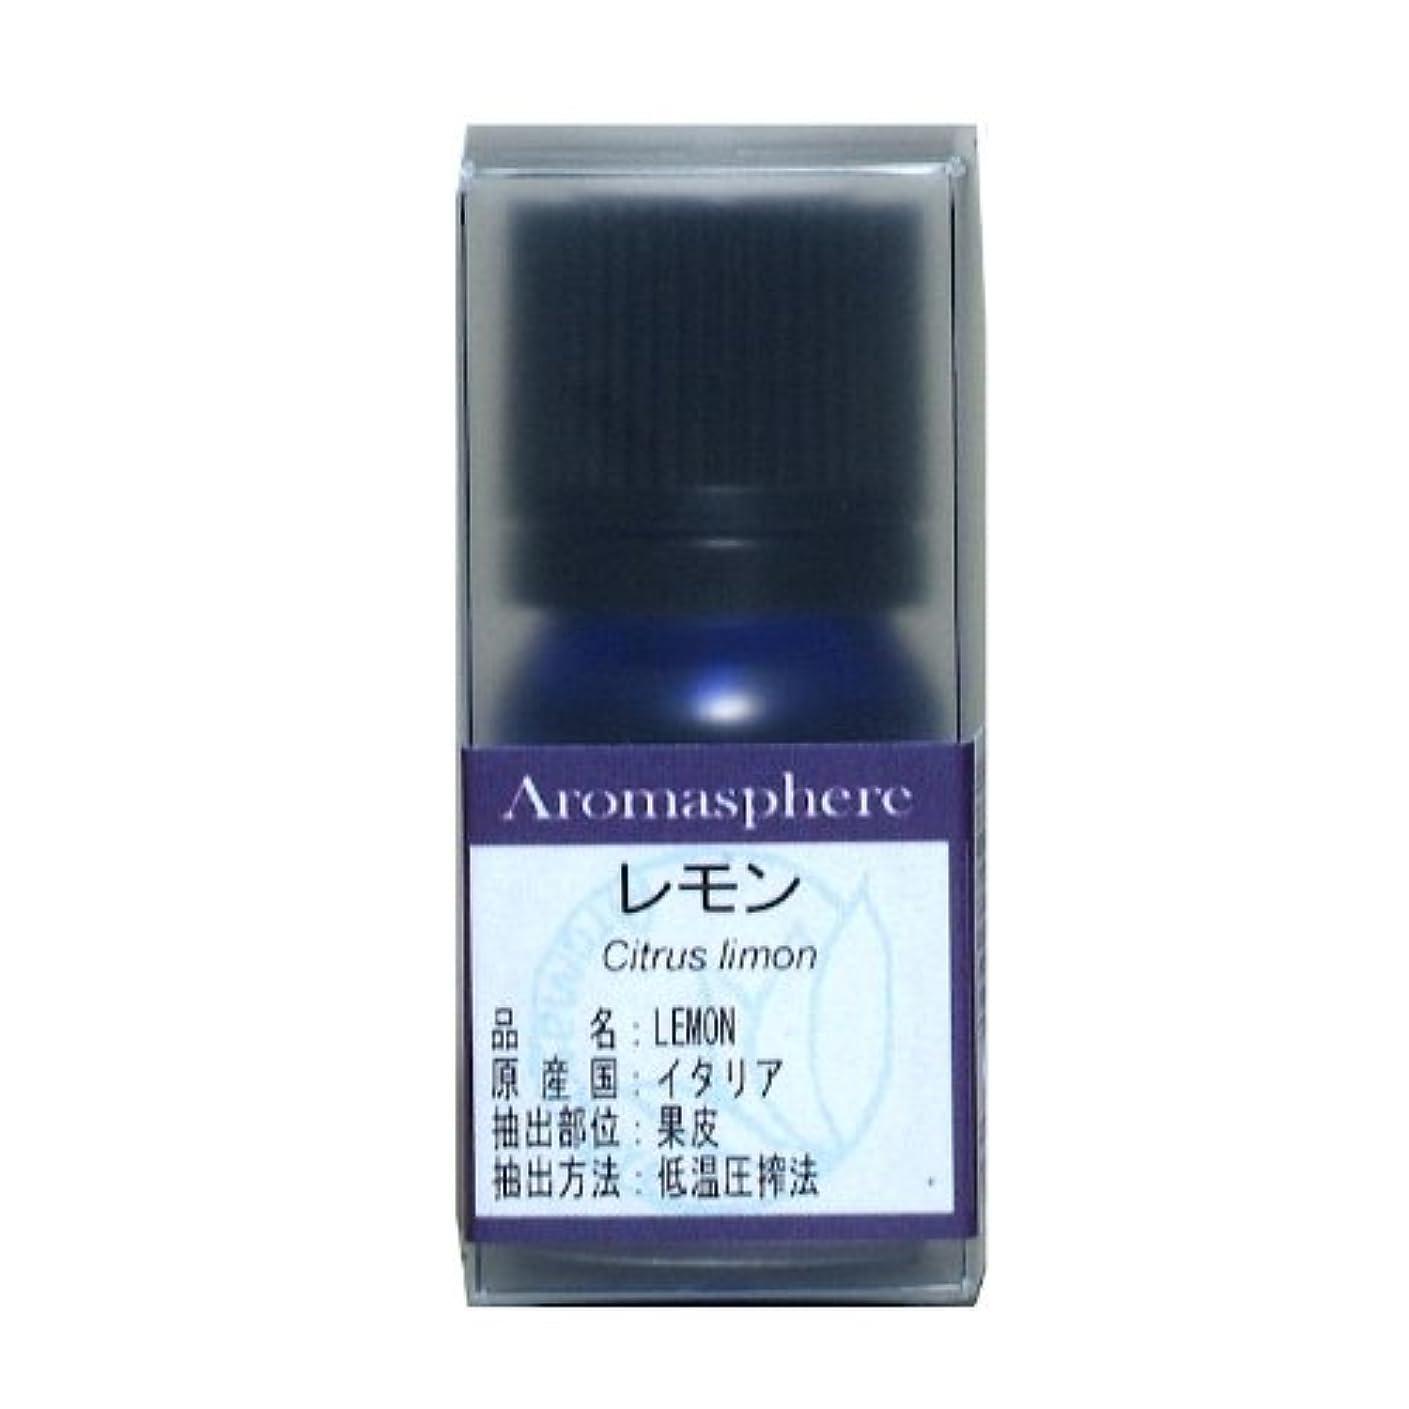 複数歯科医高める【アロマスフィア】レモン 5ml エッセンシャルオイル(精油)